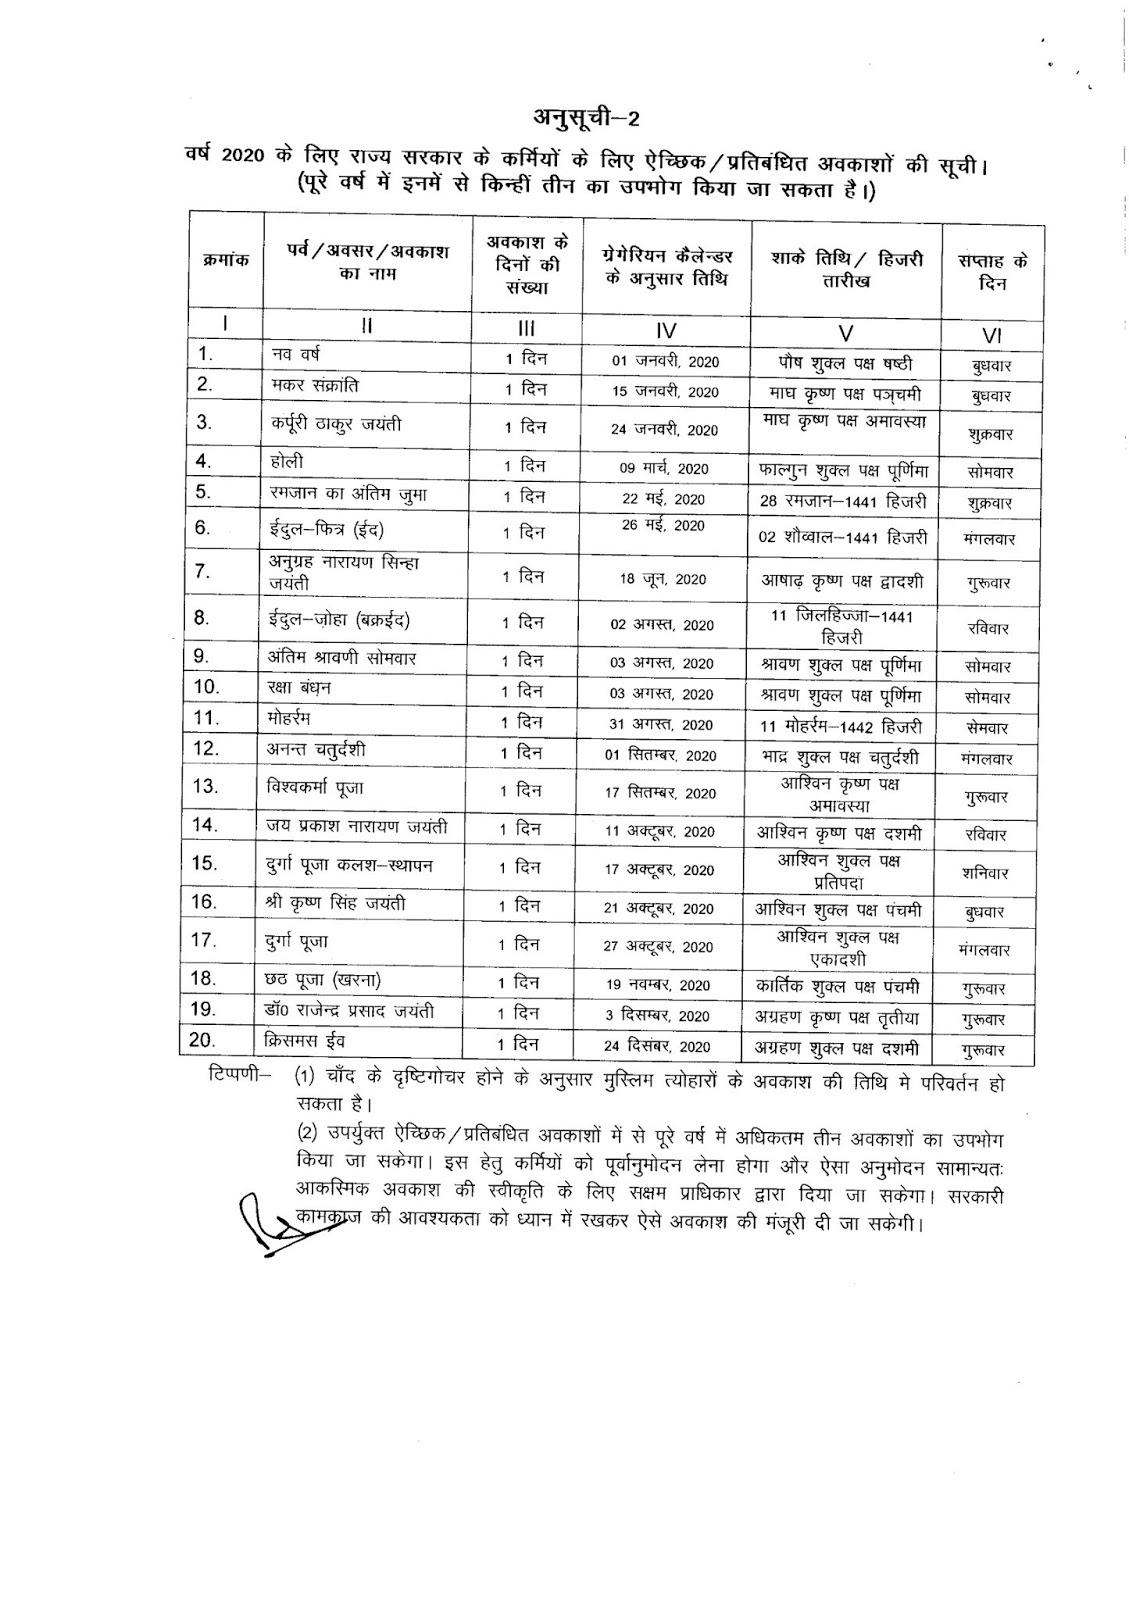 Bihar Government Calendar 2020 #educratsweb inside Bihar Sarkar Calendar 2020 Pdf